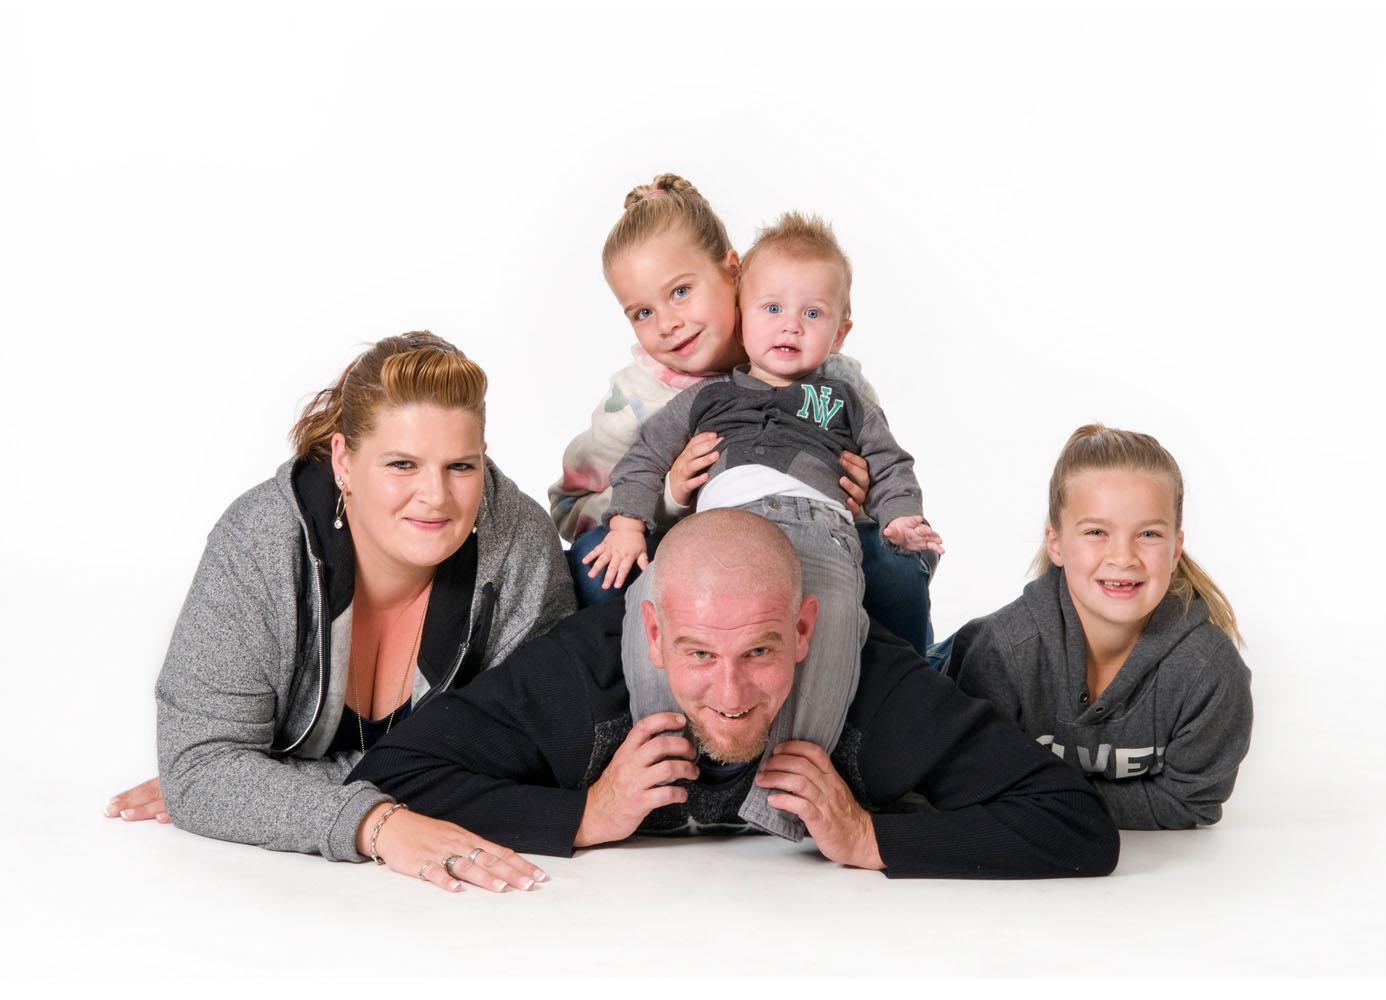 Niestadt-fotografie-Schoonhoven-studio-shoot-van-een-gezin-met-kinderen